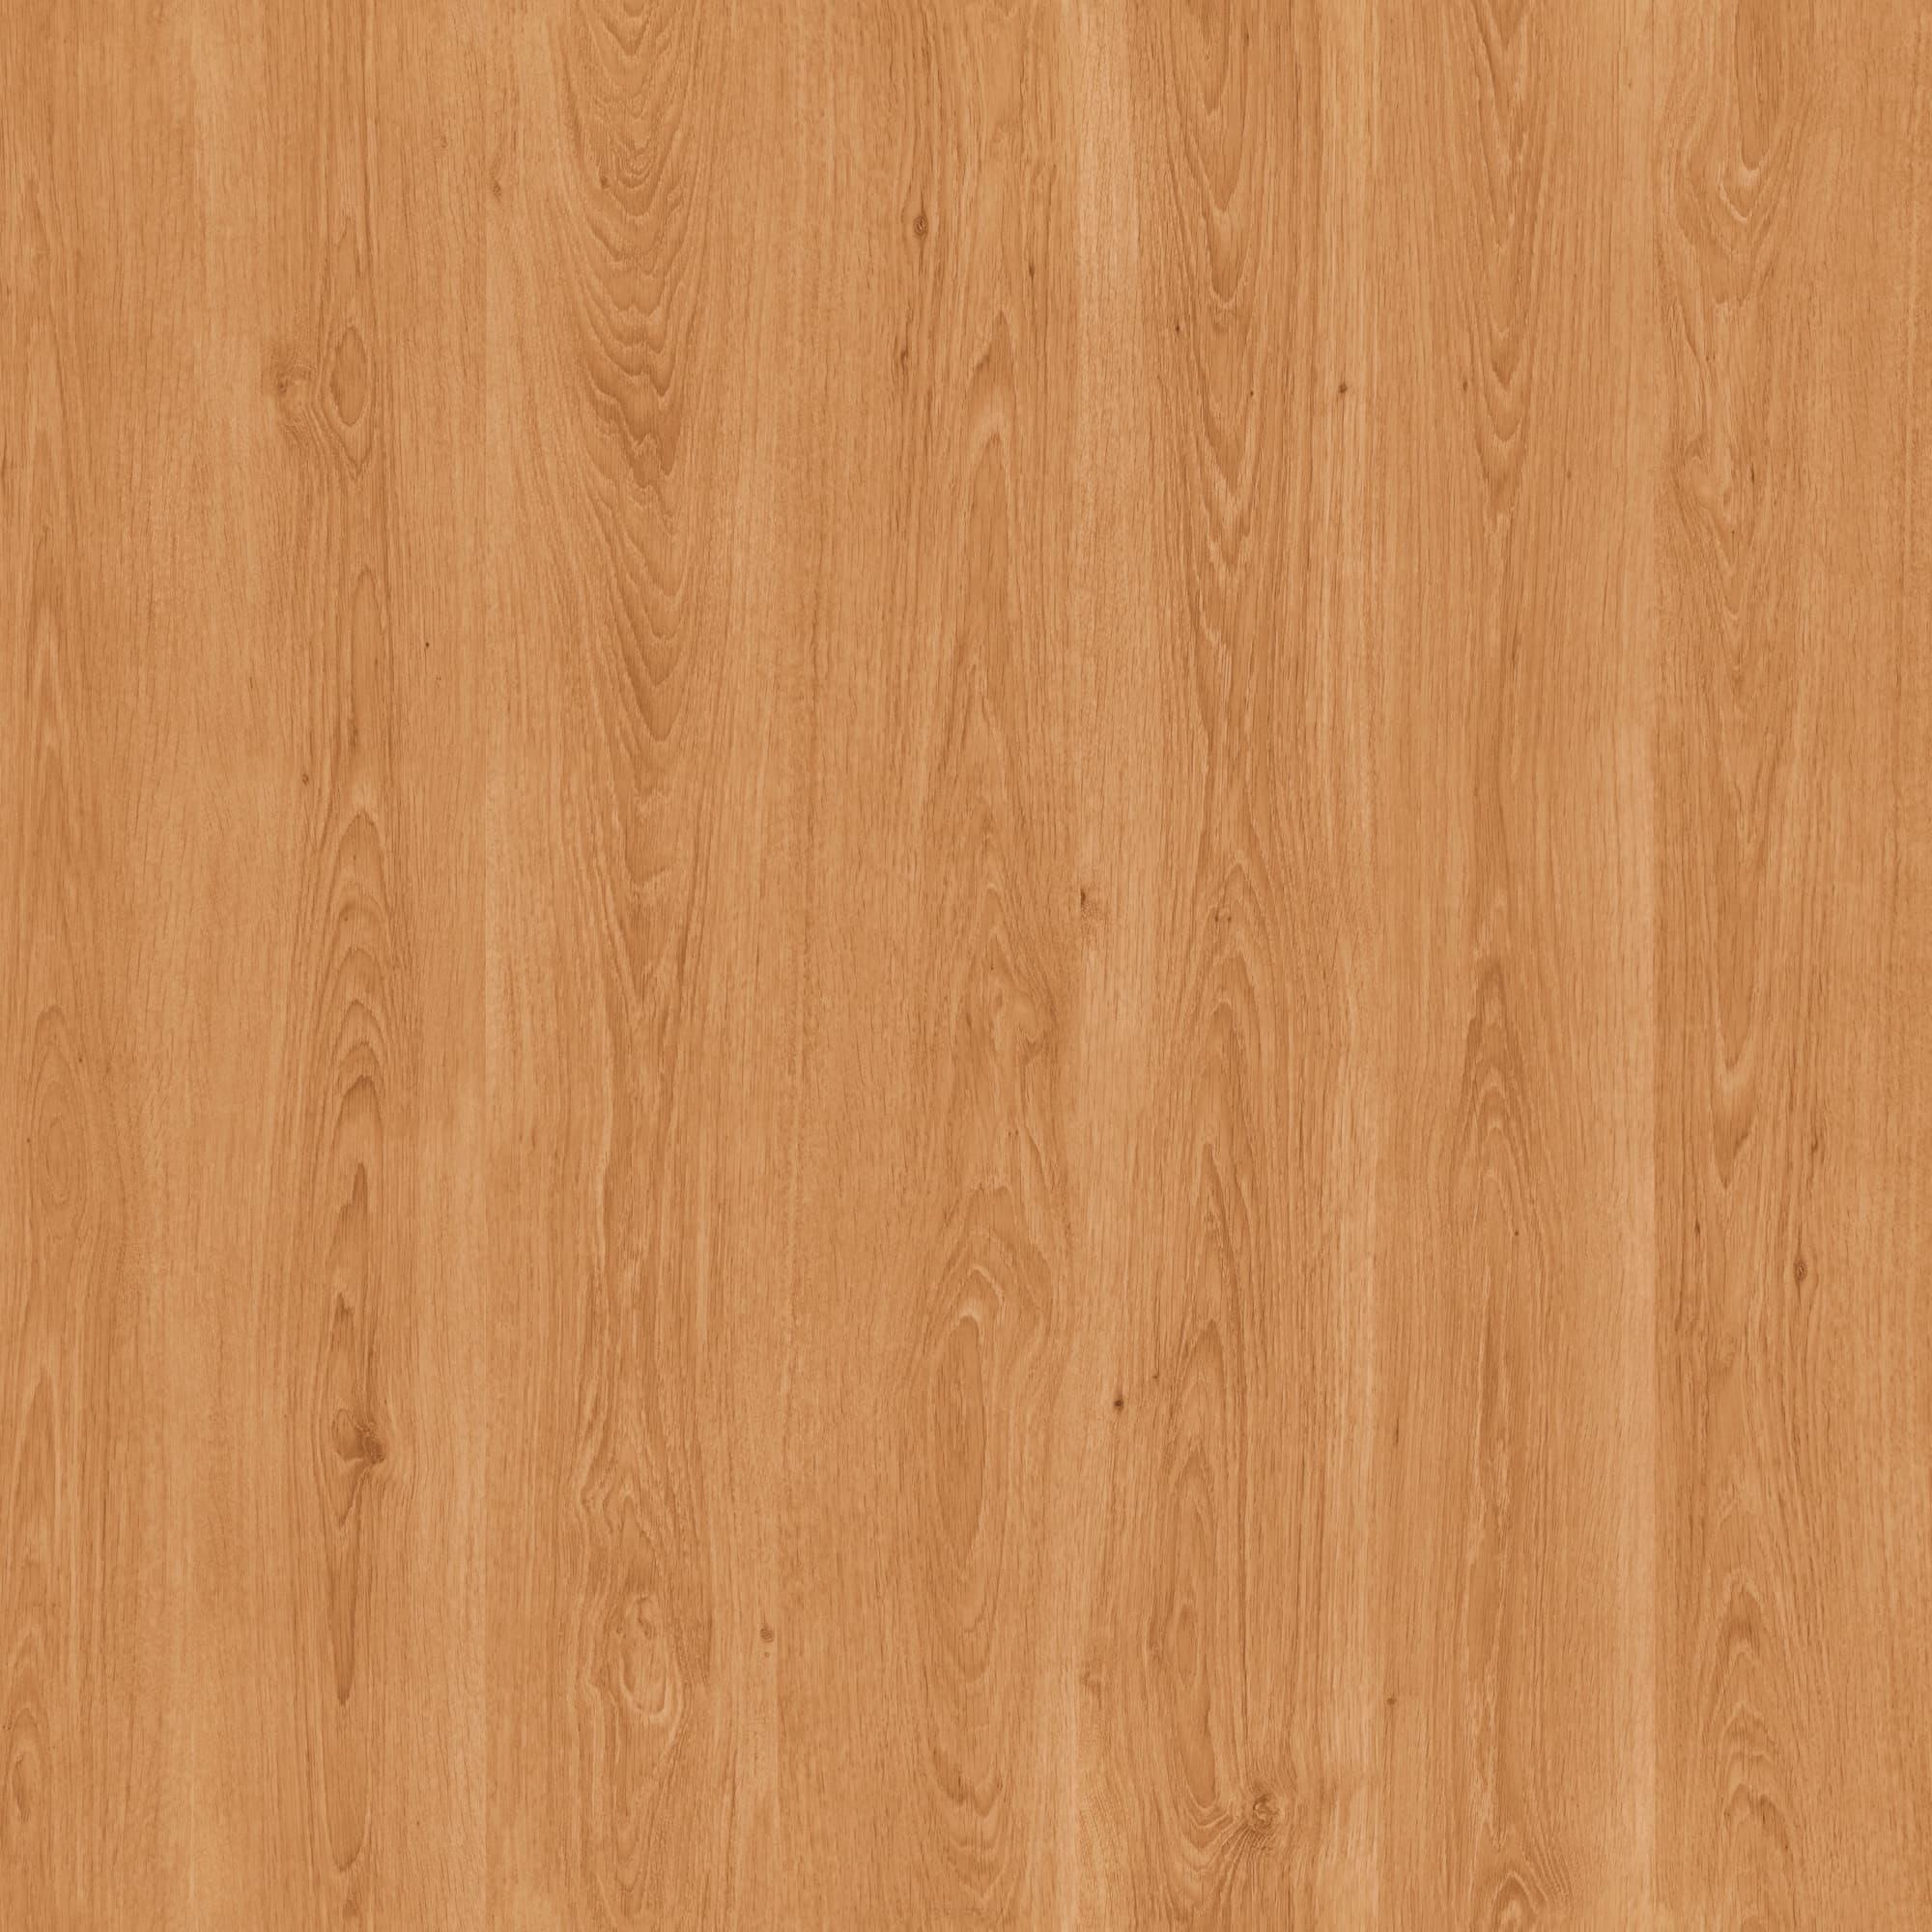 Имидж Мастер, Стол маникюрный Катрин (16 цветов) Ольха имидж мастер стол маникюрный катрин 16 цветов клен